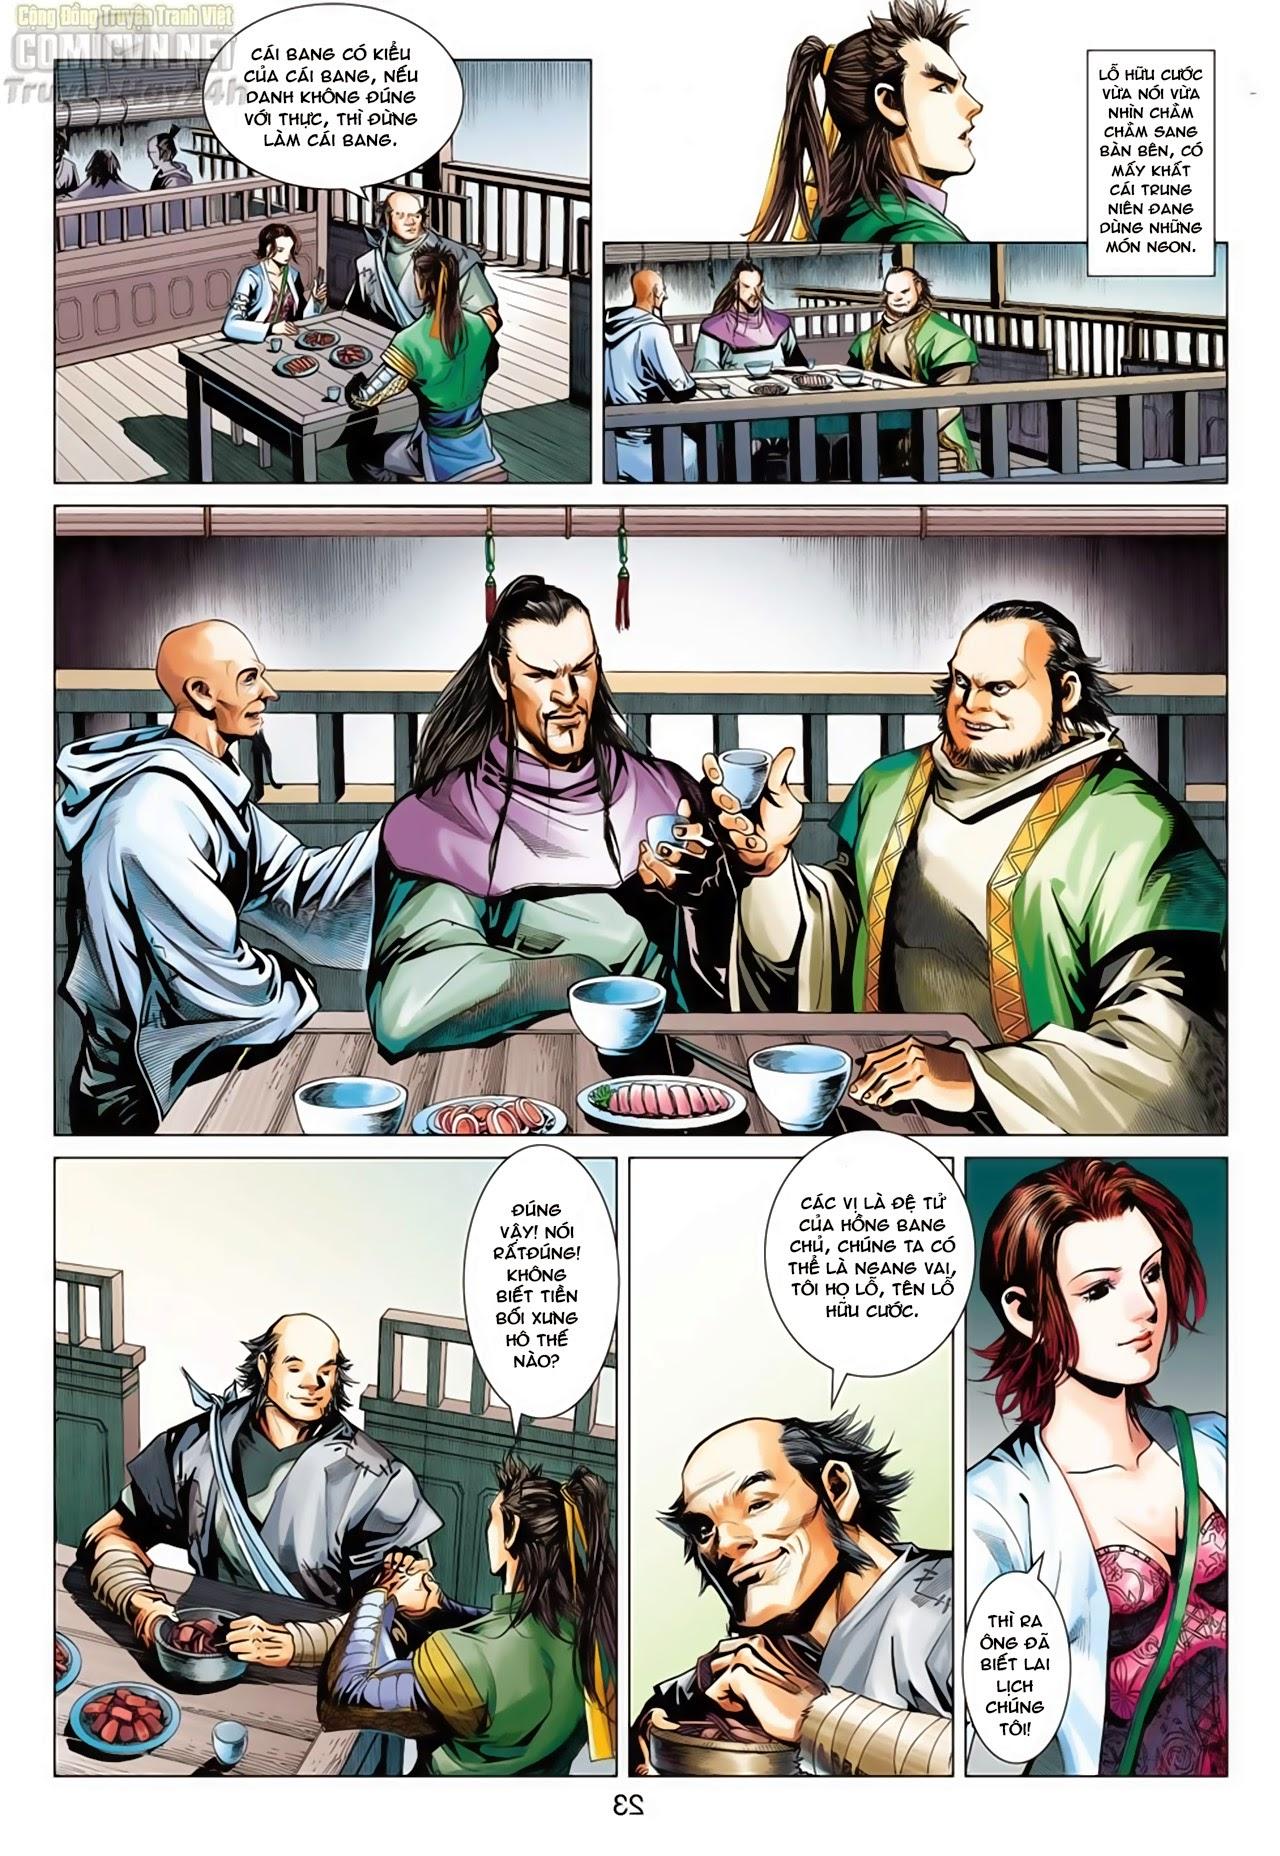 Anh Hùng Xạ Điêu anh hùng xạ đêu chap 65: cái bang tân chủ trang 23